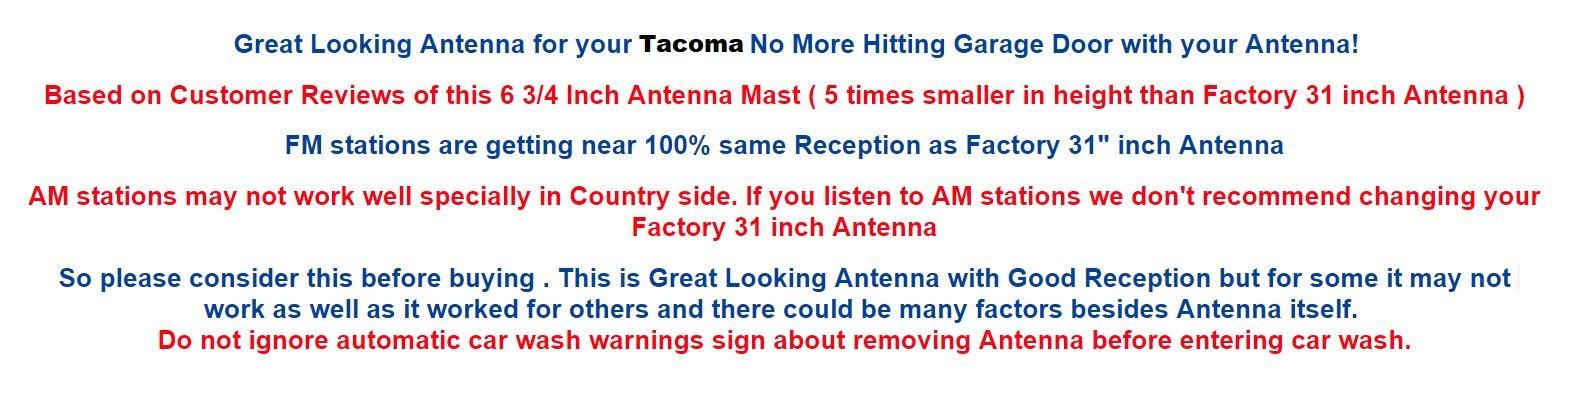 6 3/4'' ANTENNA MAST - FITS : TOYOTA TACOMA 2005 06 07 08 09 10 11 2012 2013 2014 2015